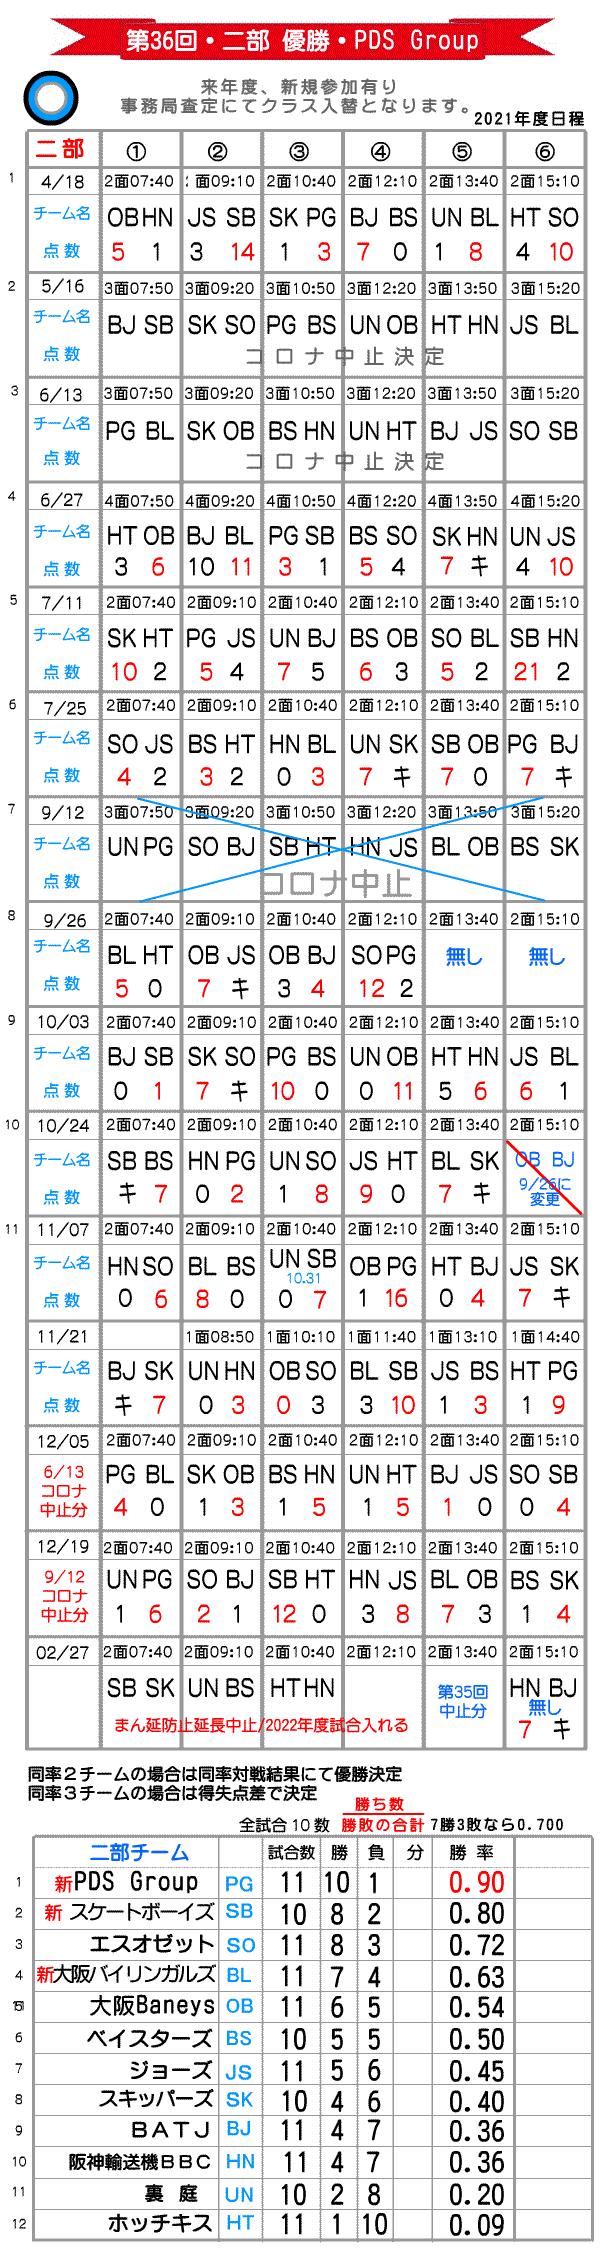 大阪北リーグ二部総当たり戦野球大会